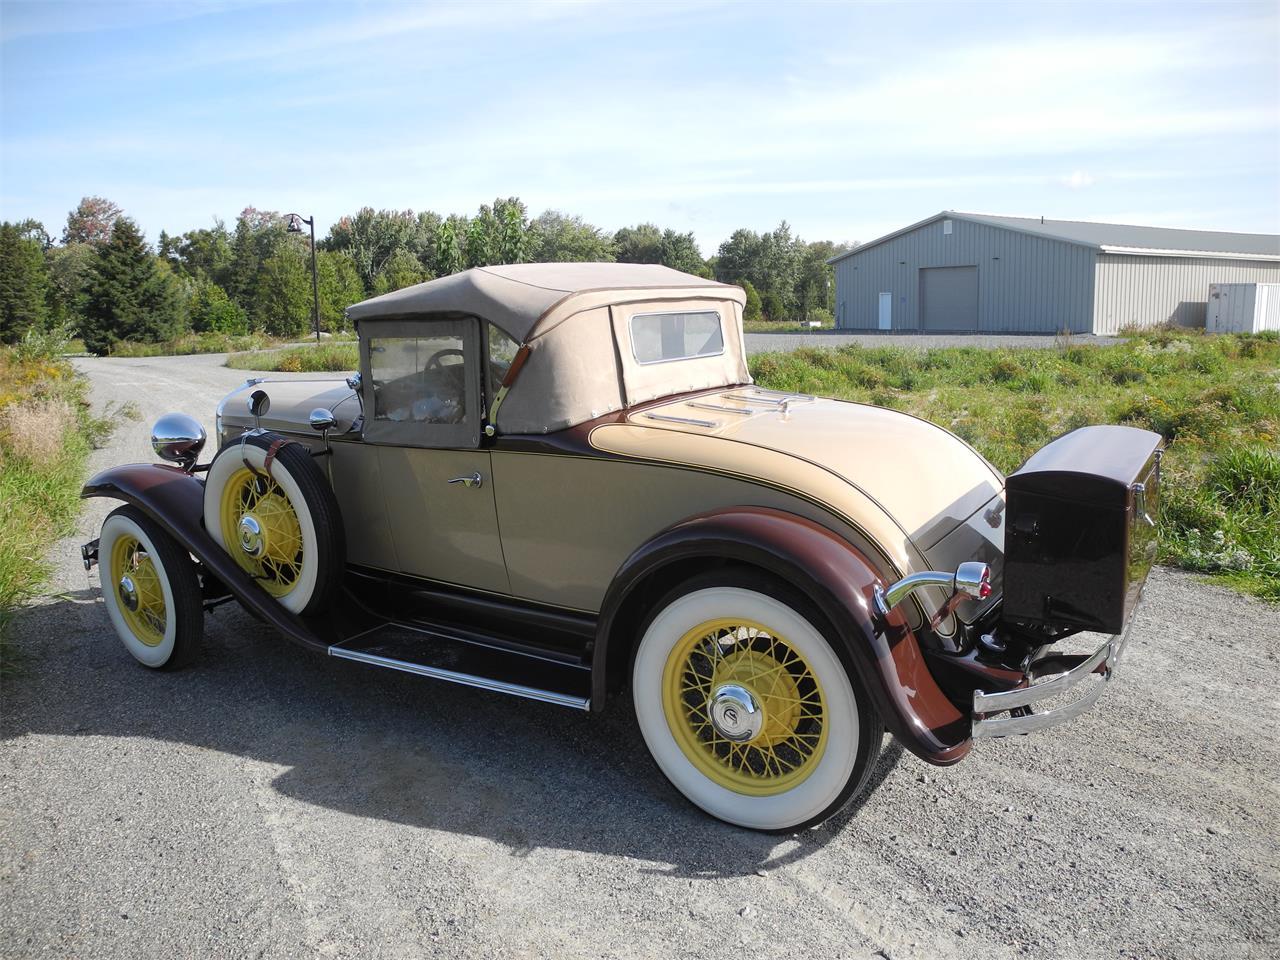 Large Picture of Classic 1931 CM-6 located in SUDBURY Ontario - $69,500.00 - JEYZ